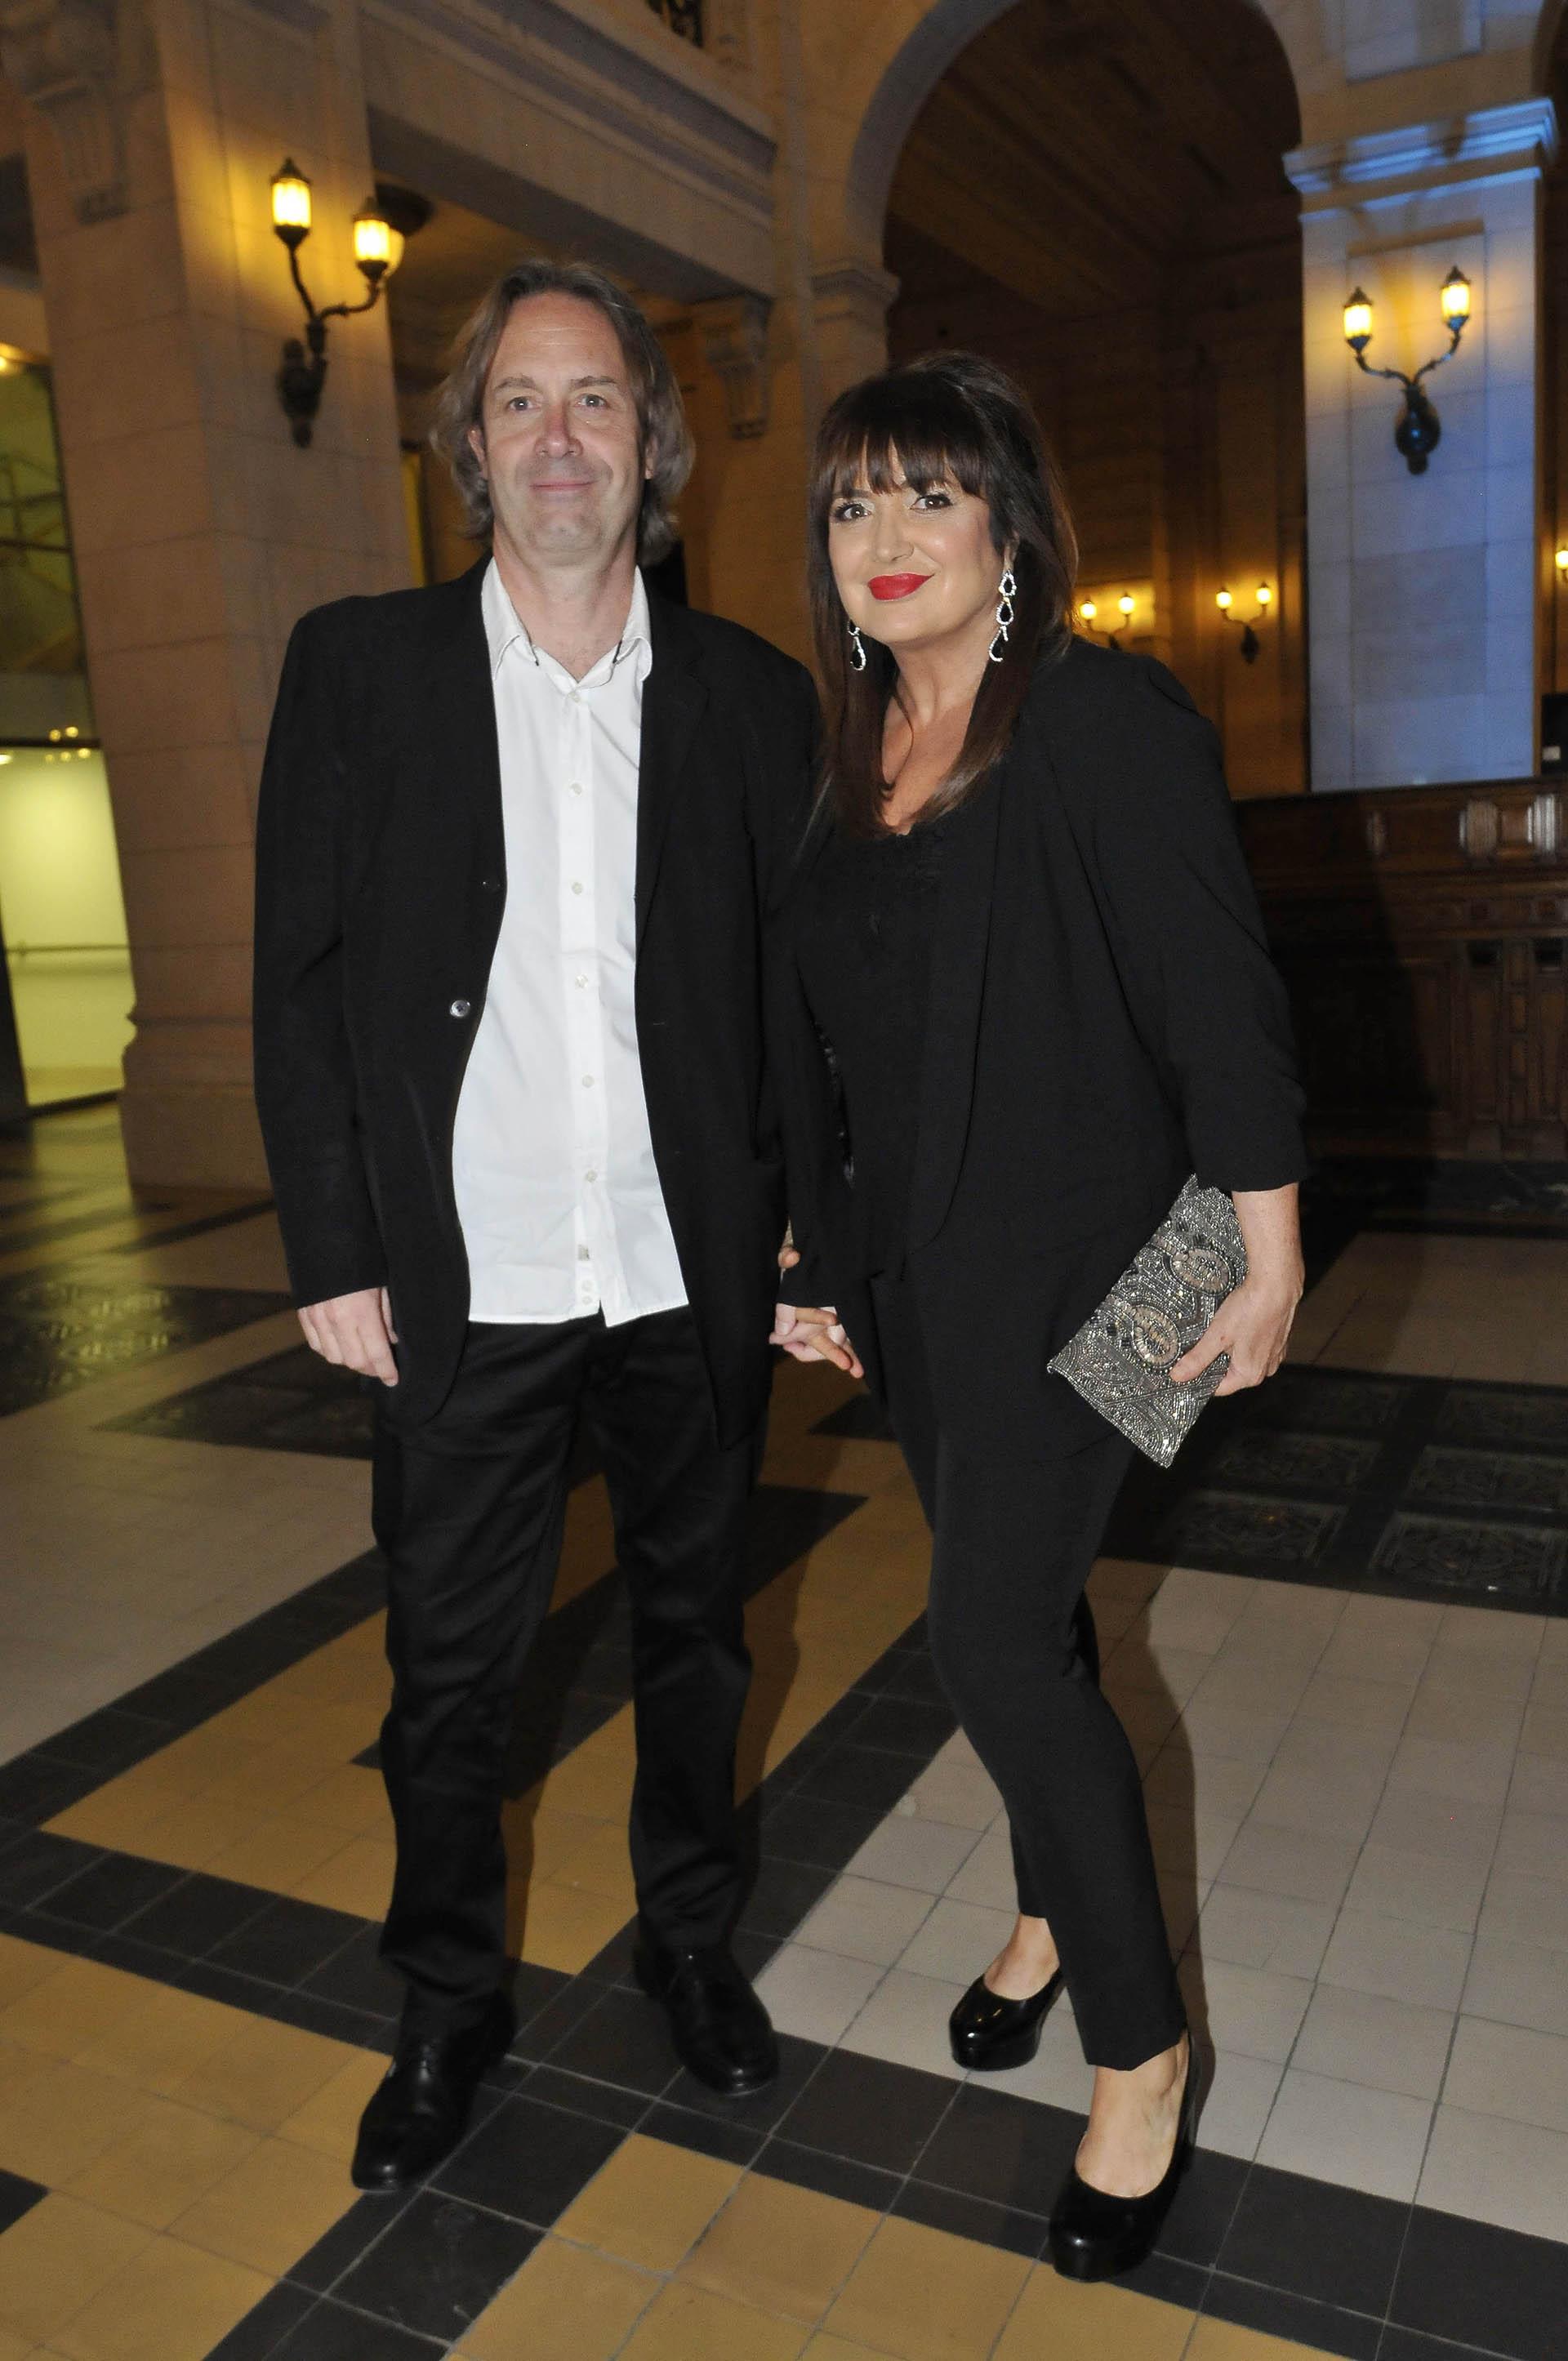 Patricia Echegoyen y su marido (Fotos: Verónica Guerman / Teleshow)